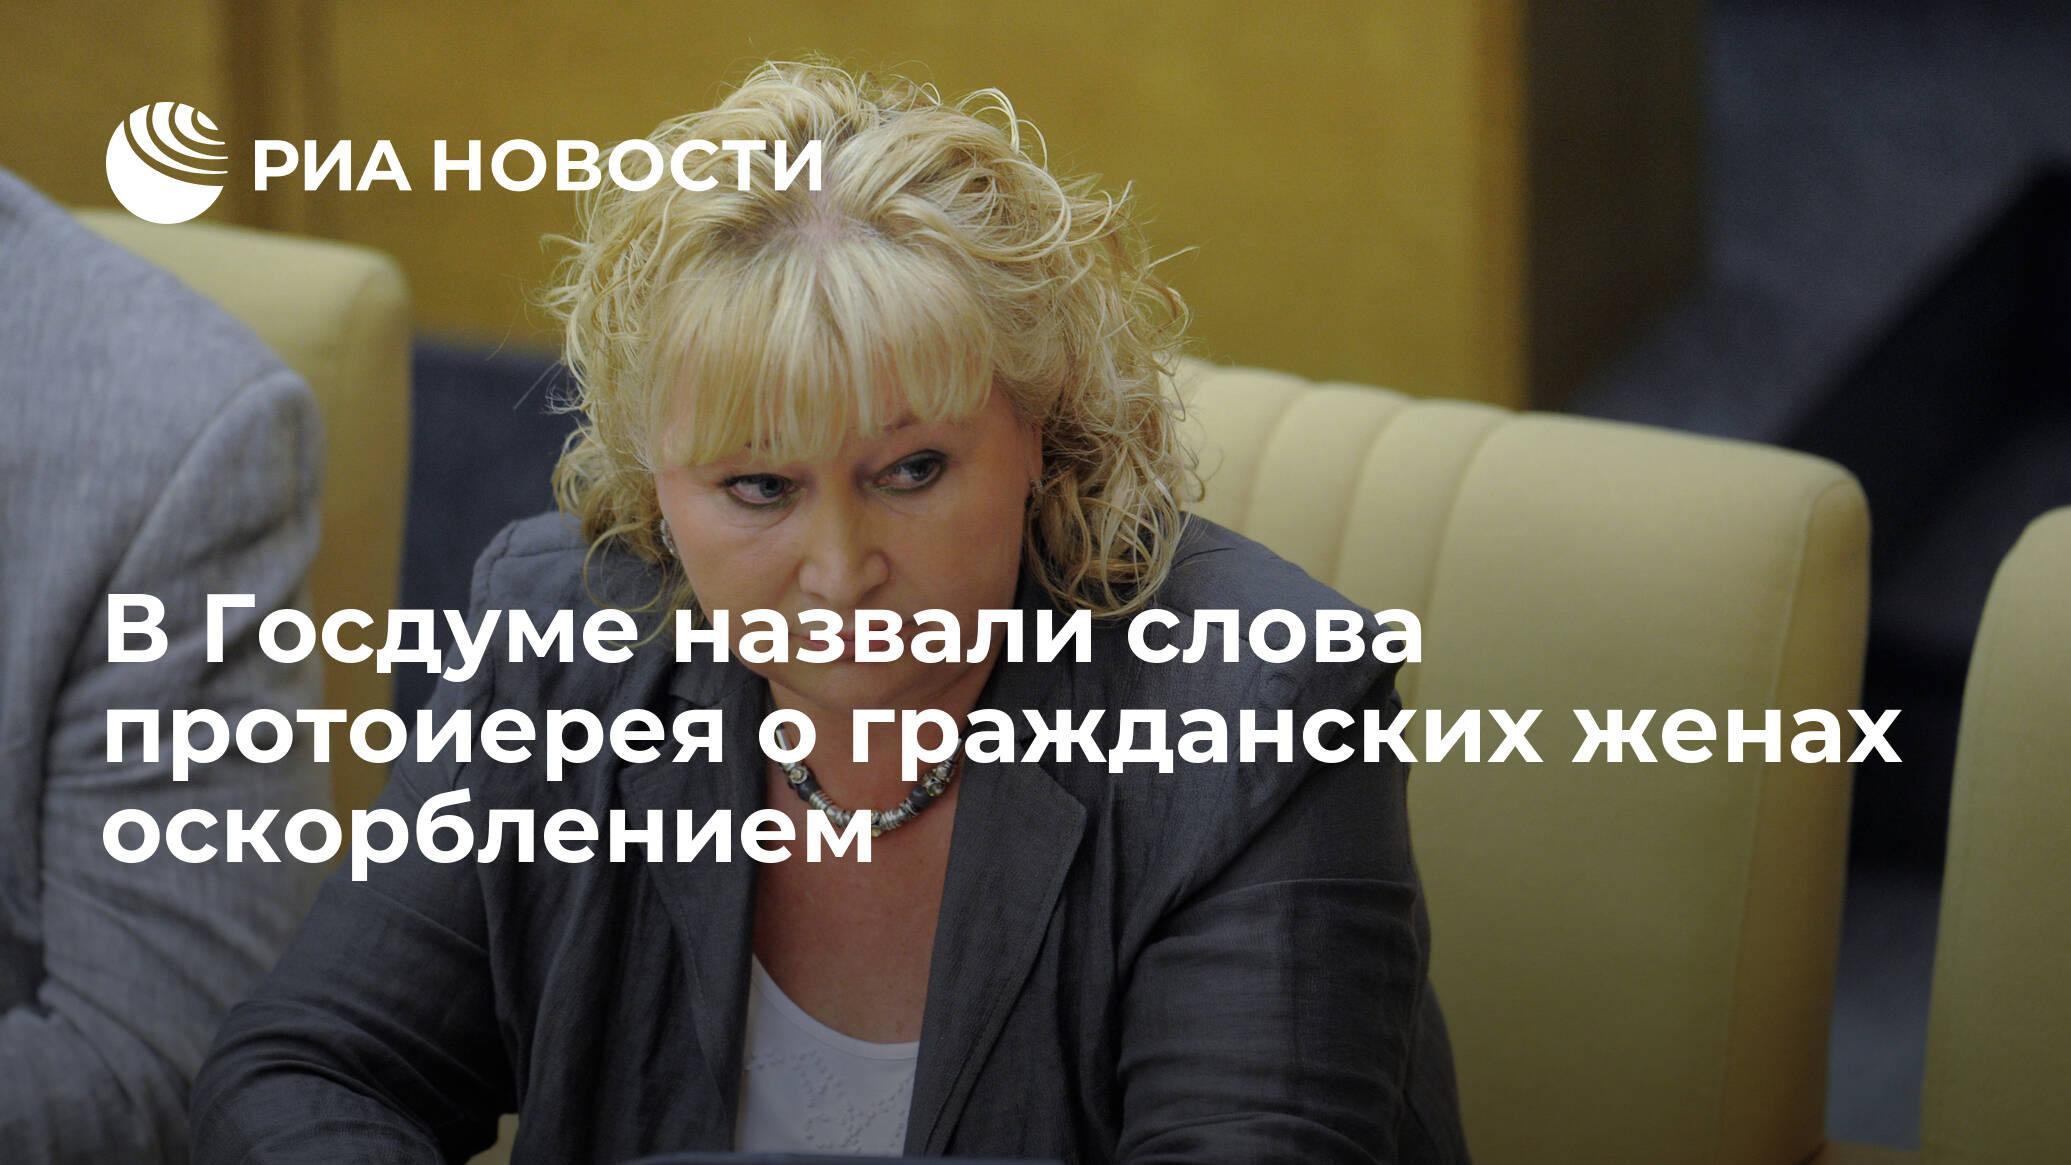 В Госдуме назвали слова протоиерея о гражданских женах оскорблением